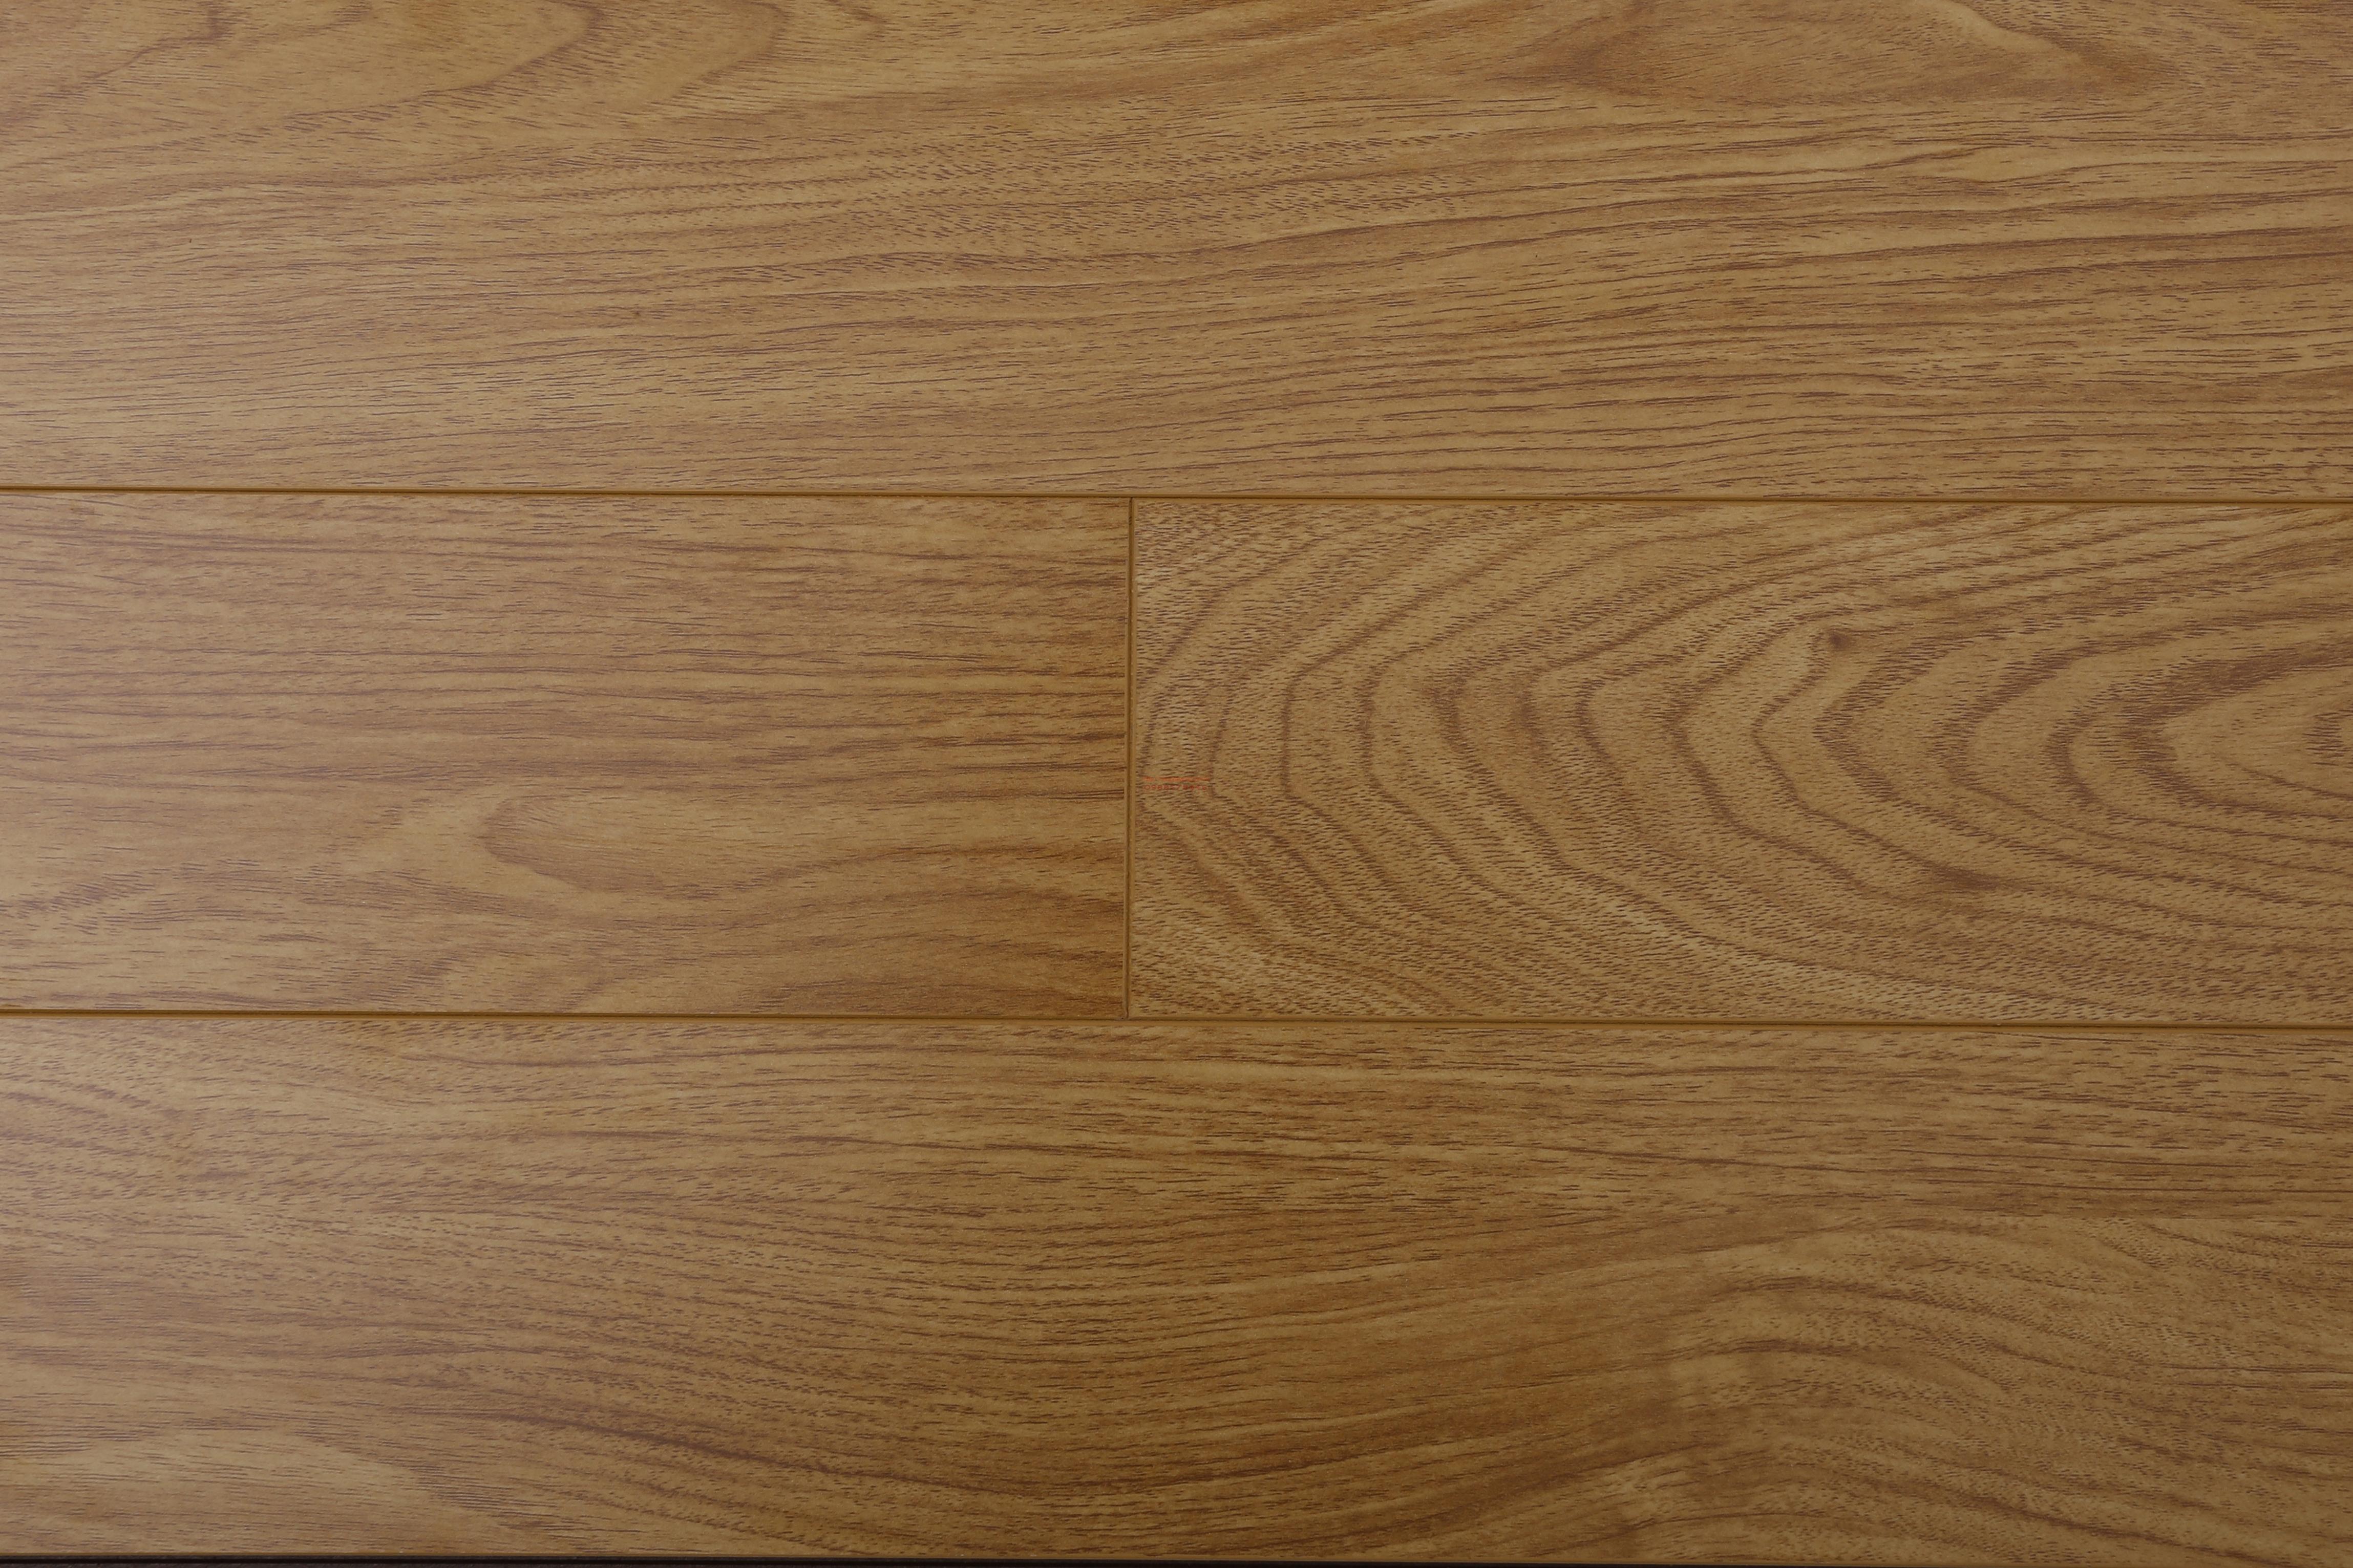 Sàn gỗ Wilson WS 817 - Sàn gỗ nam phát